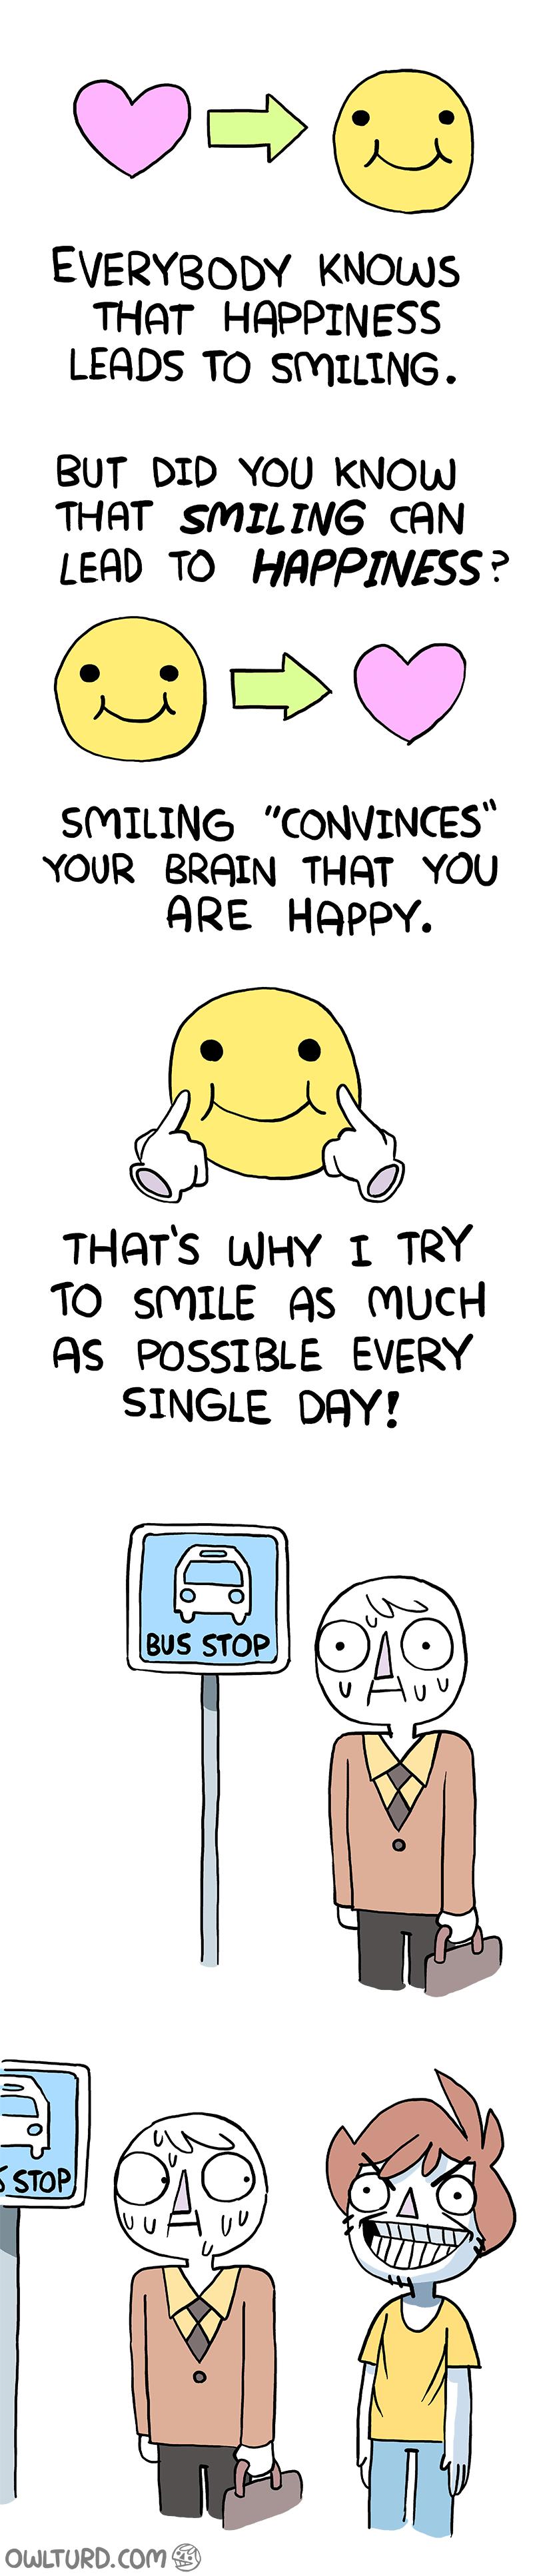 web-comics-what-a-happy-guy